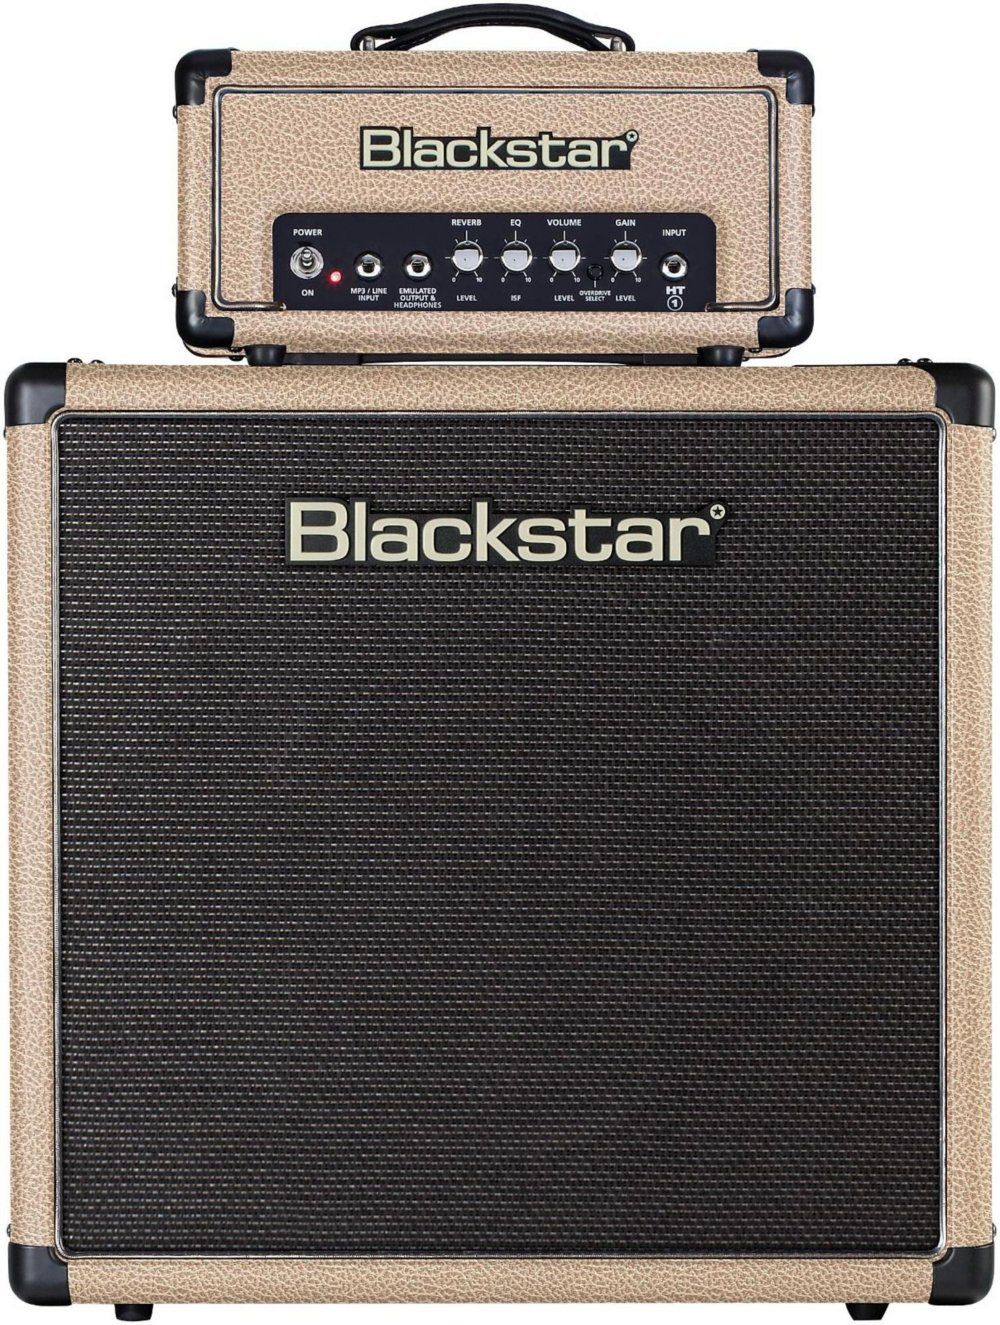 【年中無休】 BLACKSTAR HT Pack Limited& Edition HT-1RH& HT-112 Bronco HT-112 Pack ギターアンプ B01FDKN8BO, てかりま専科:1d078154 --- kickit.co.ke